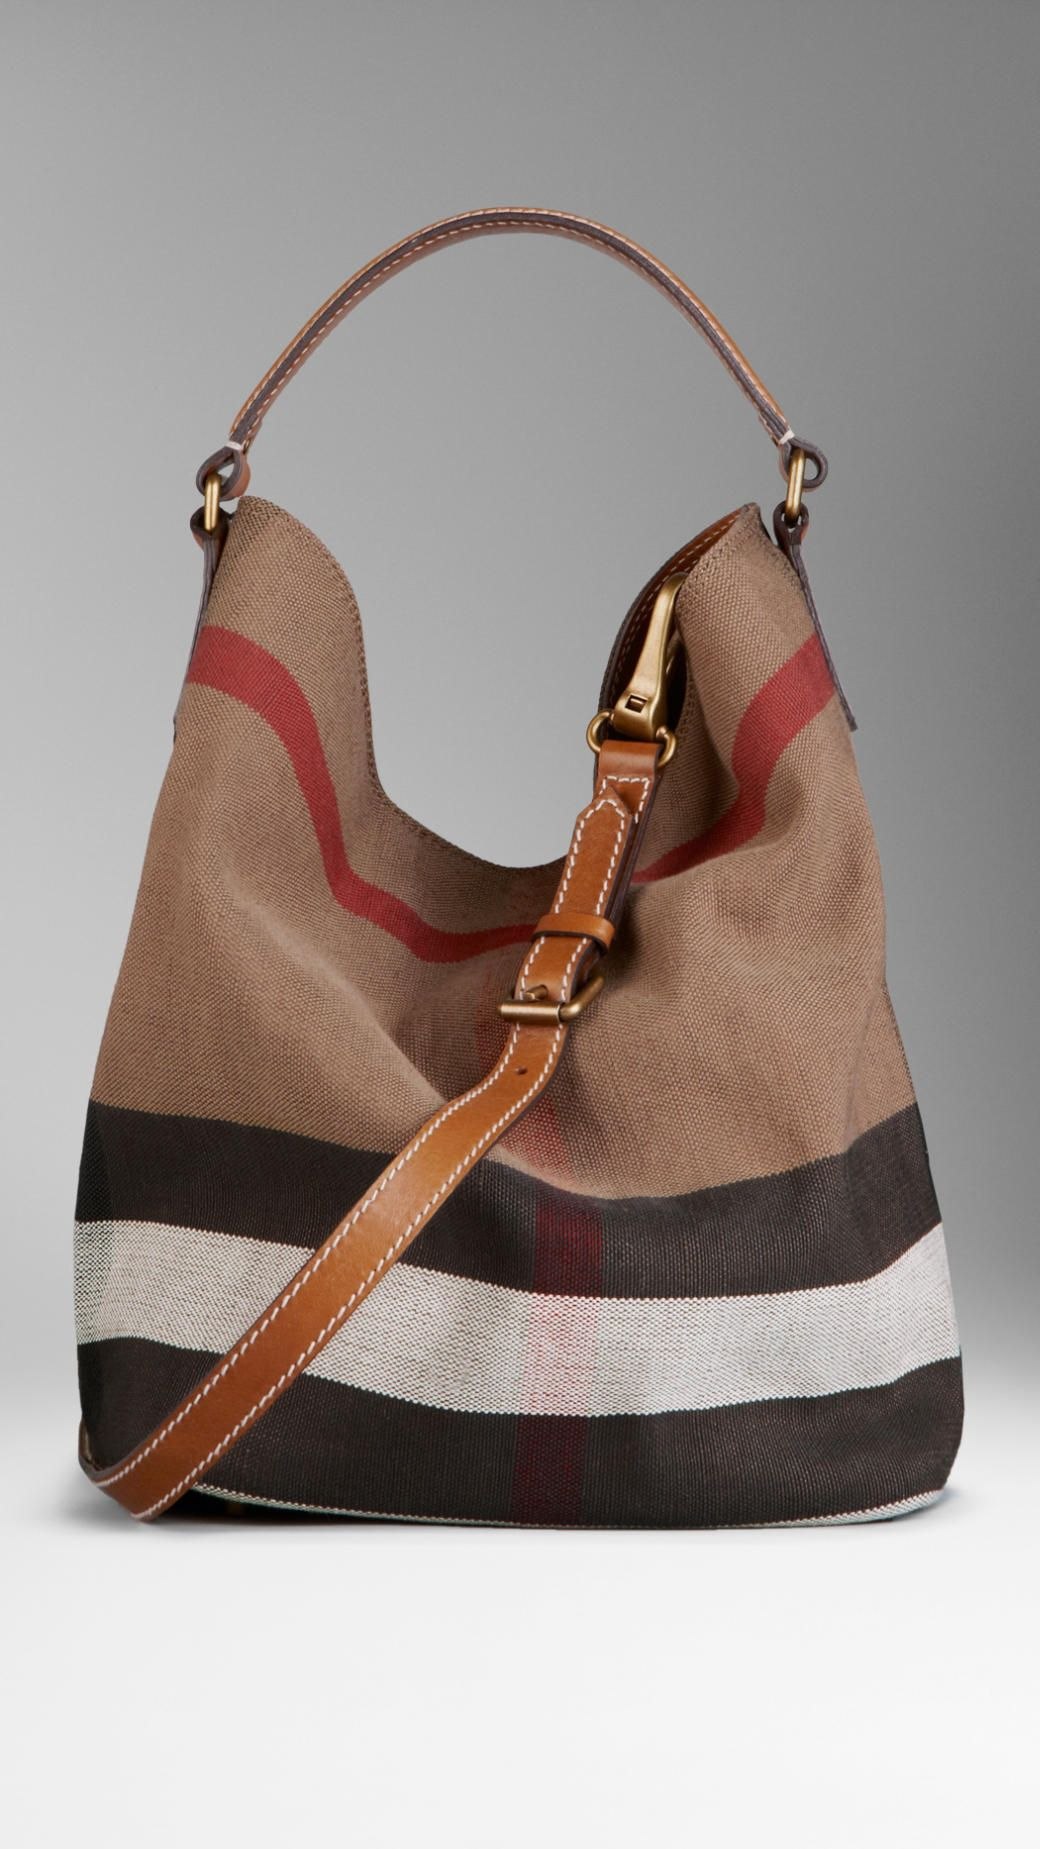 Medium Canvas Check Hobo Bag Burberry